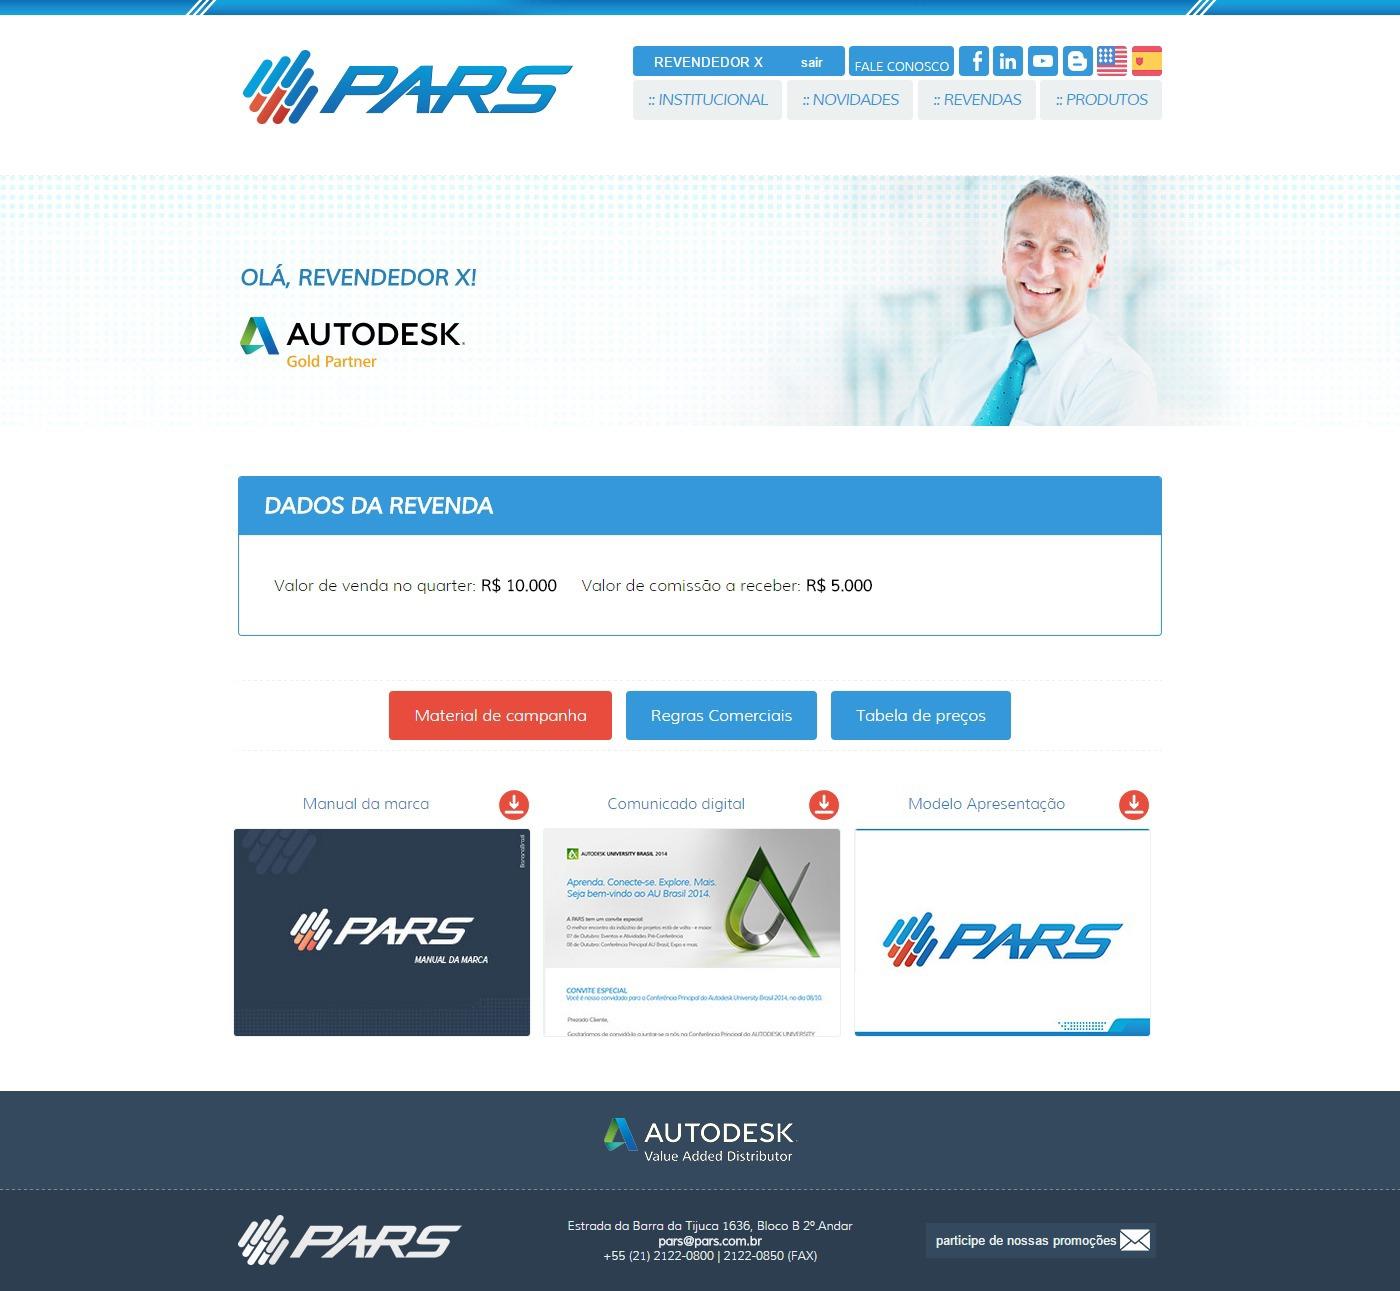 pars adobe Autodesk representative Rio de Janeiro Brazil